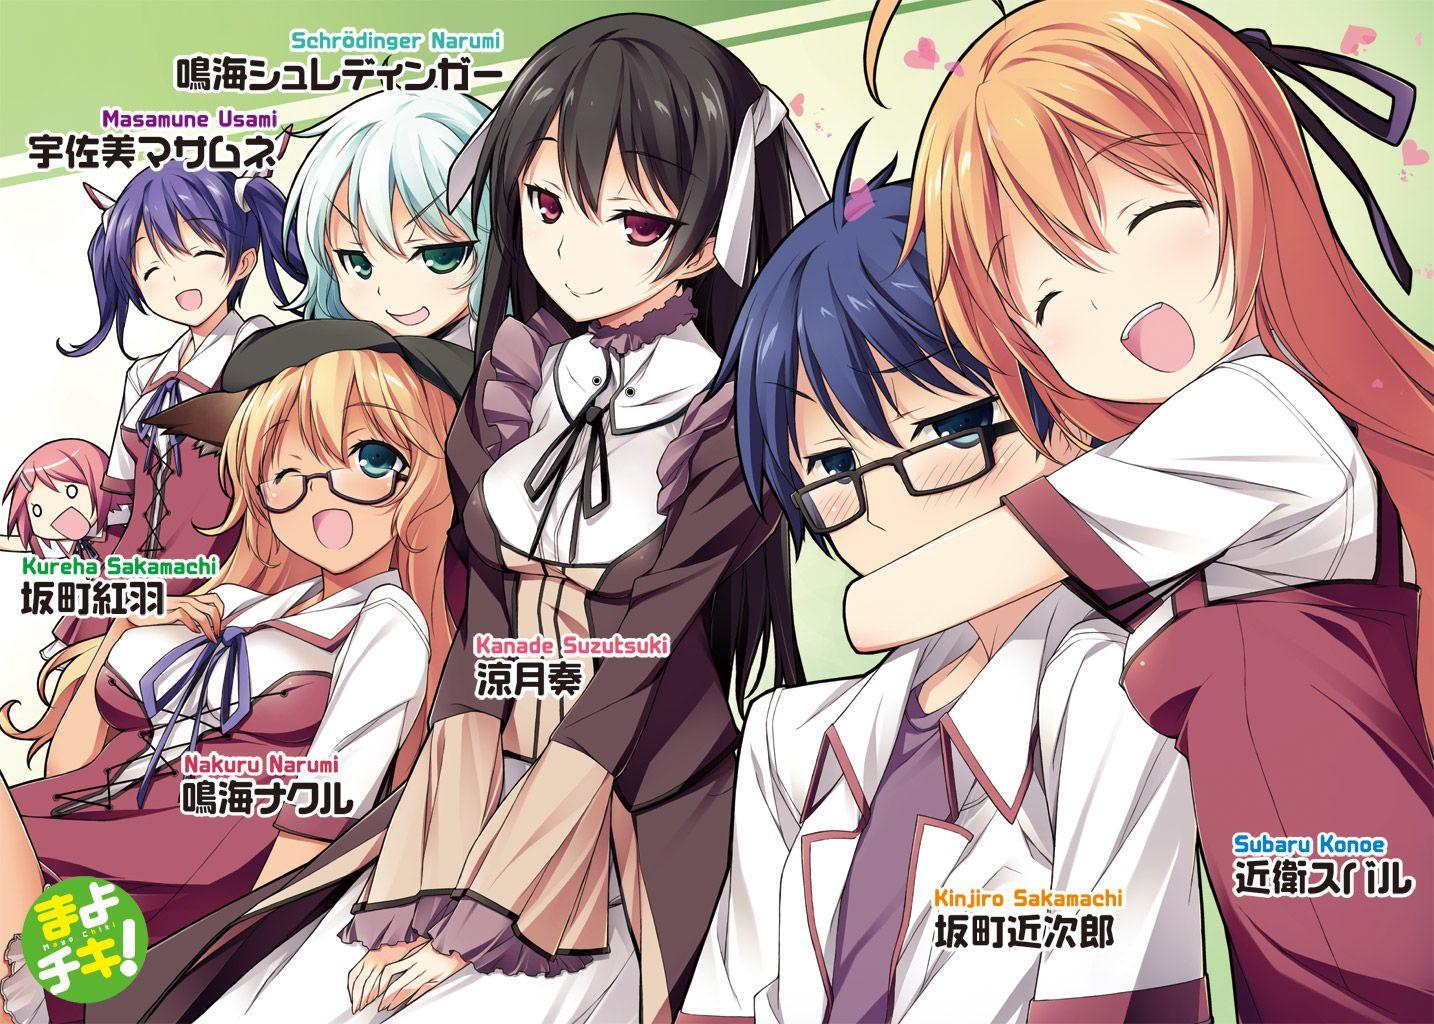 Mayo Chiki Mayo Chiki Anime Anime Images